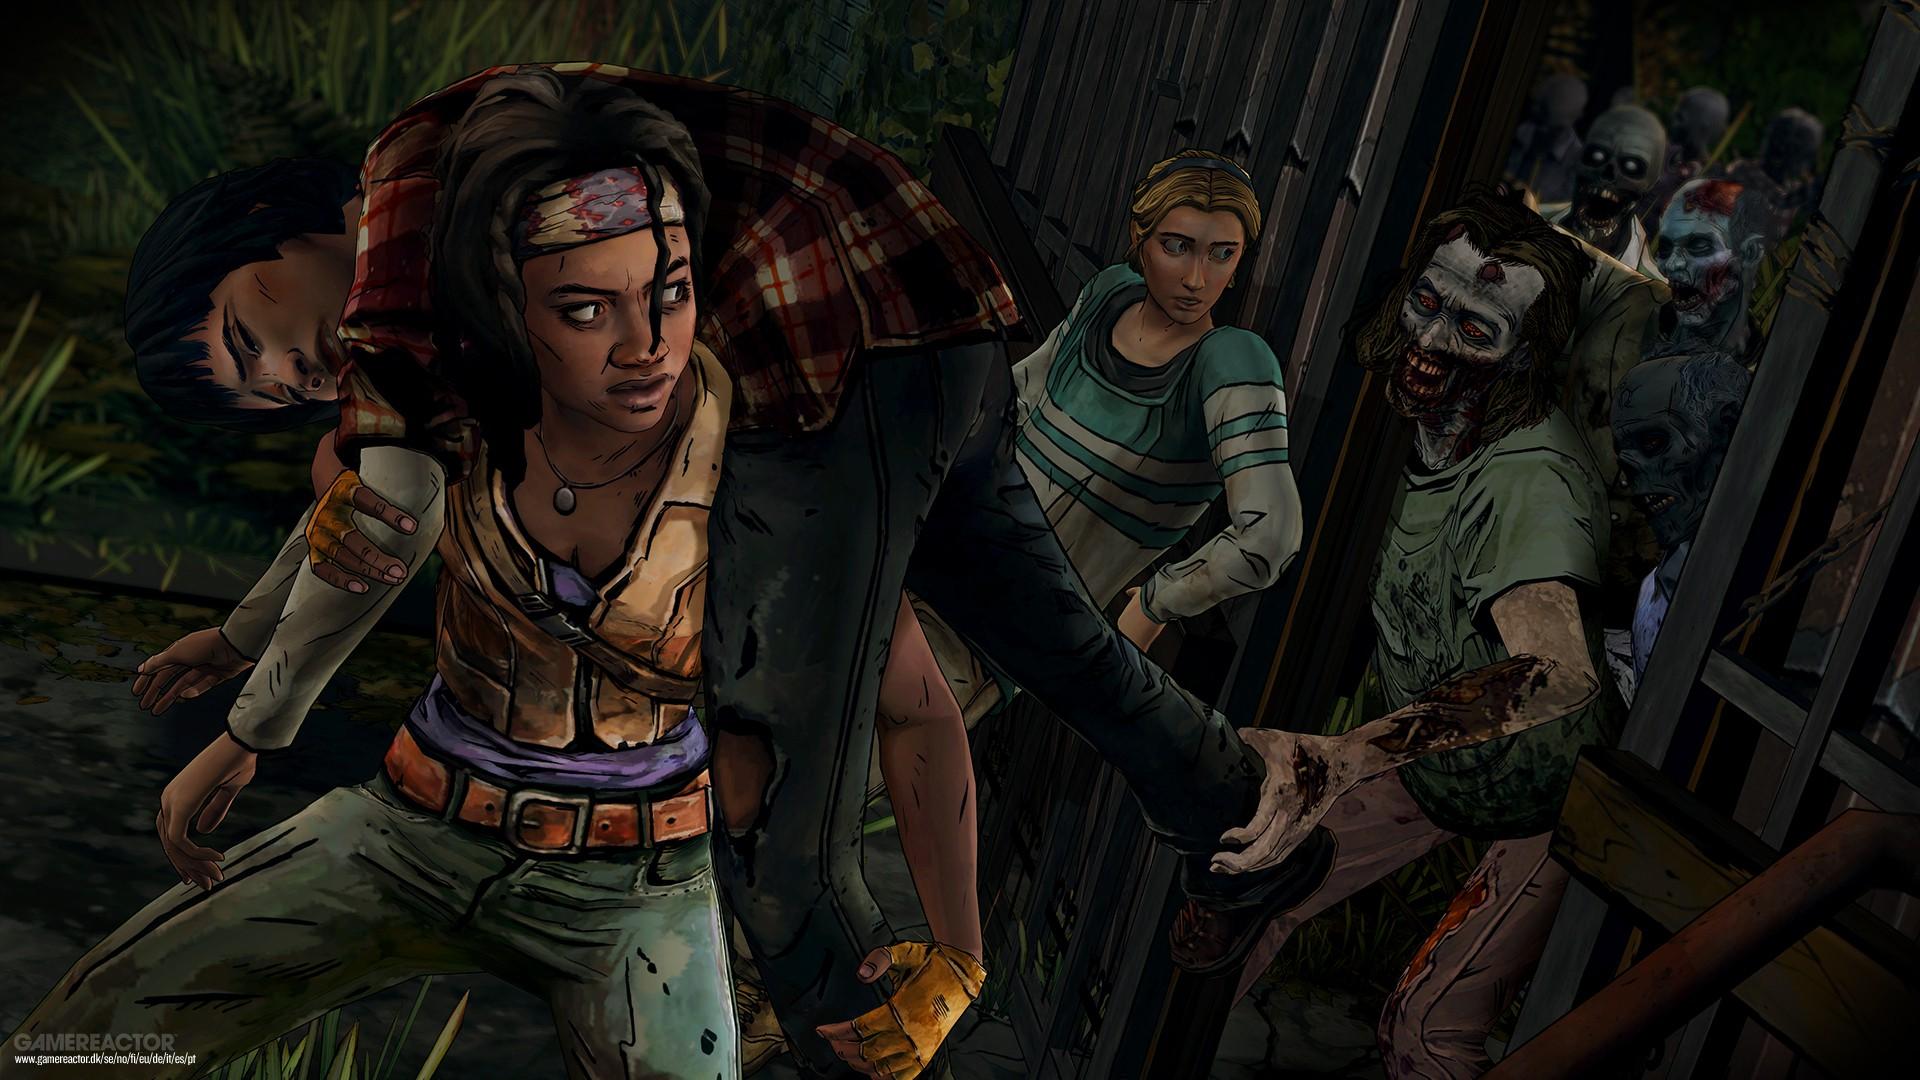 Imágenes de Ya para descargar The Walking Dead: Michonne ...